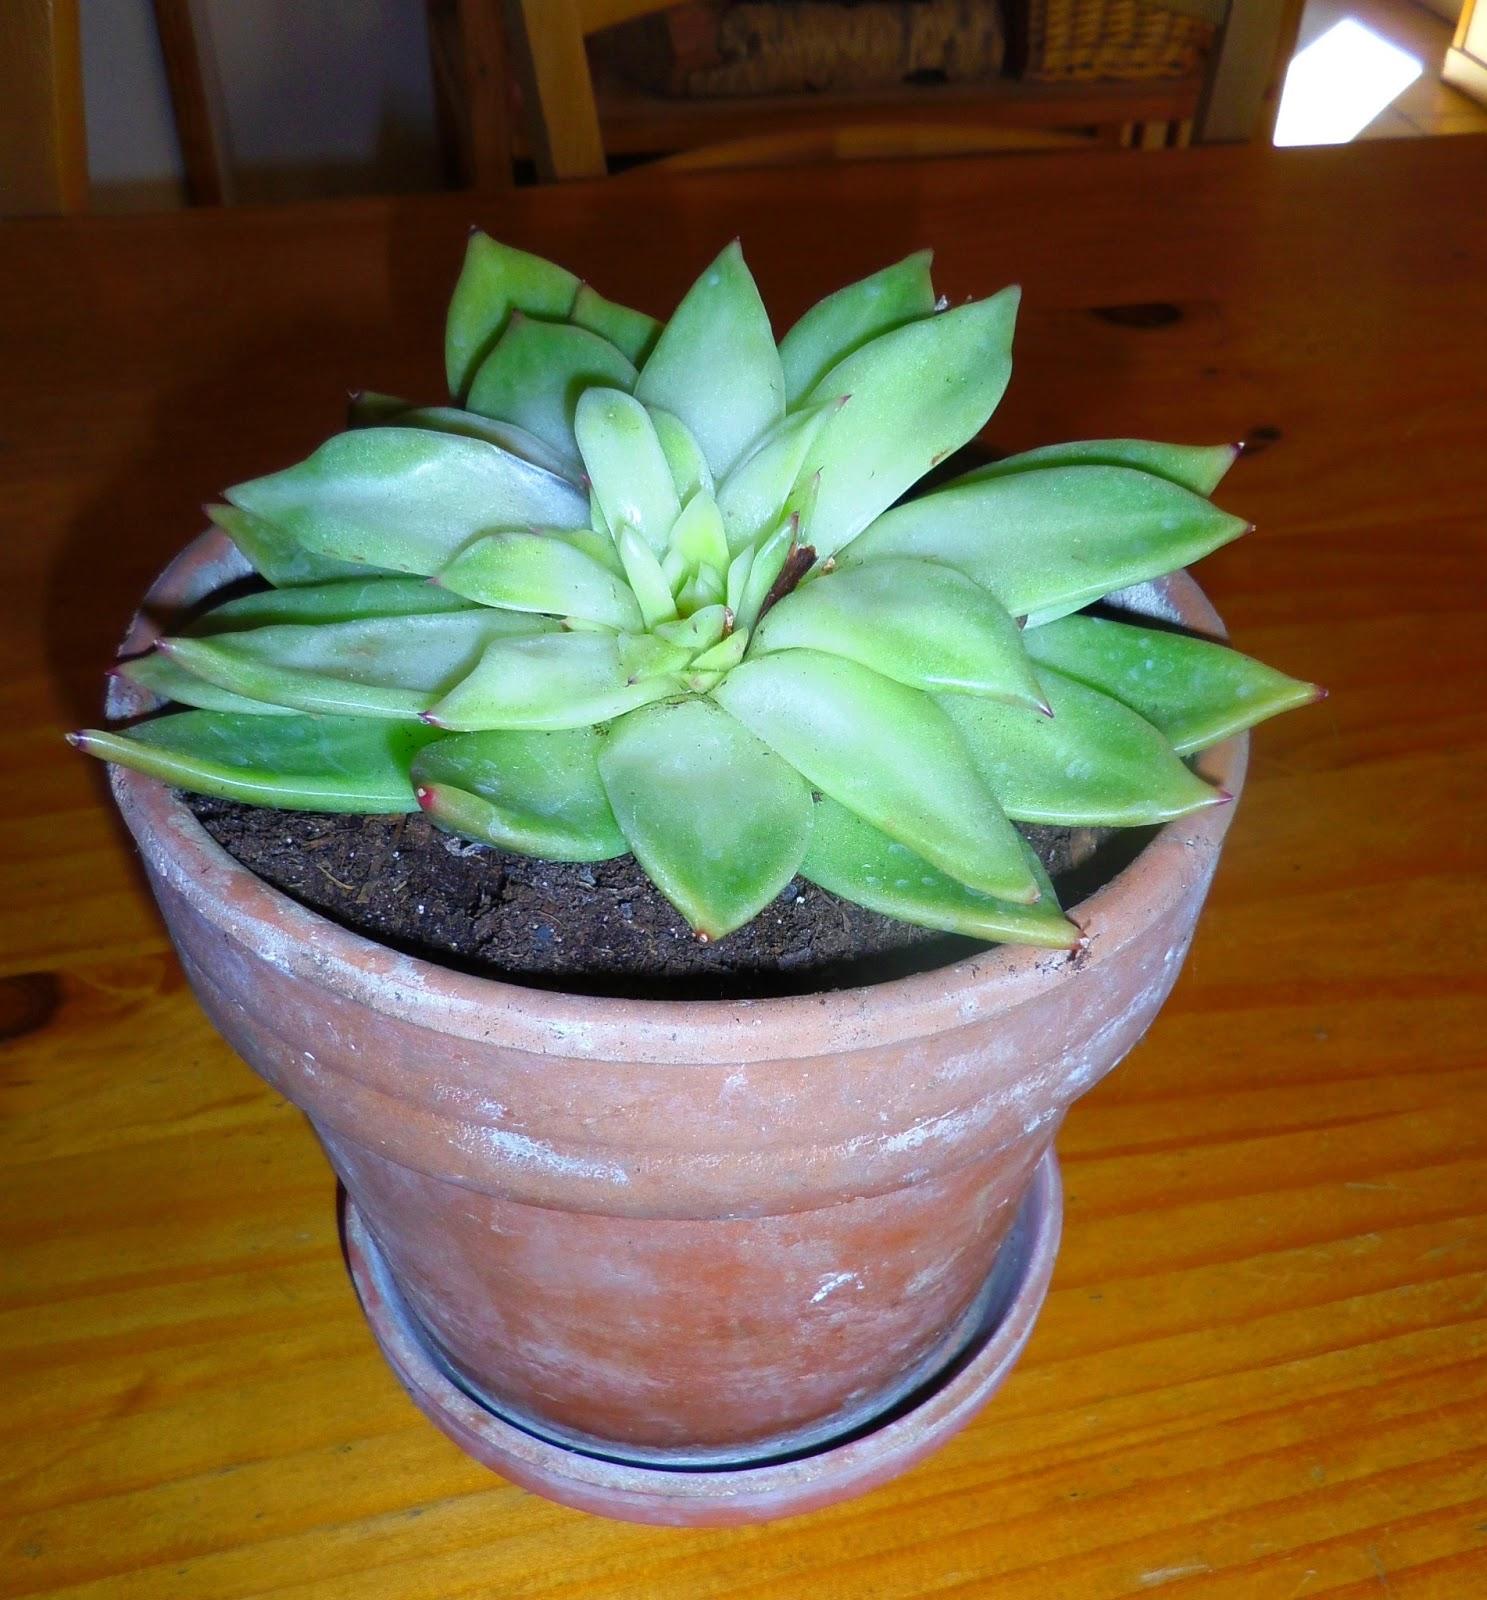 blandinde fait son blog aux petits soins pour mes plantes vertes. Black Bedroom Furniture Sets. Home Design Ideas